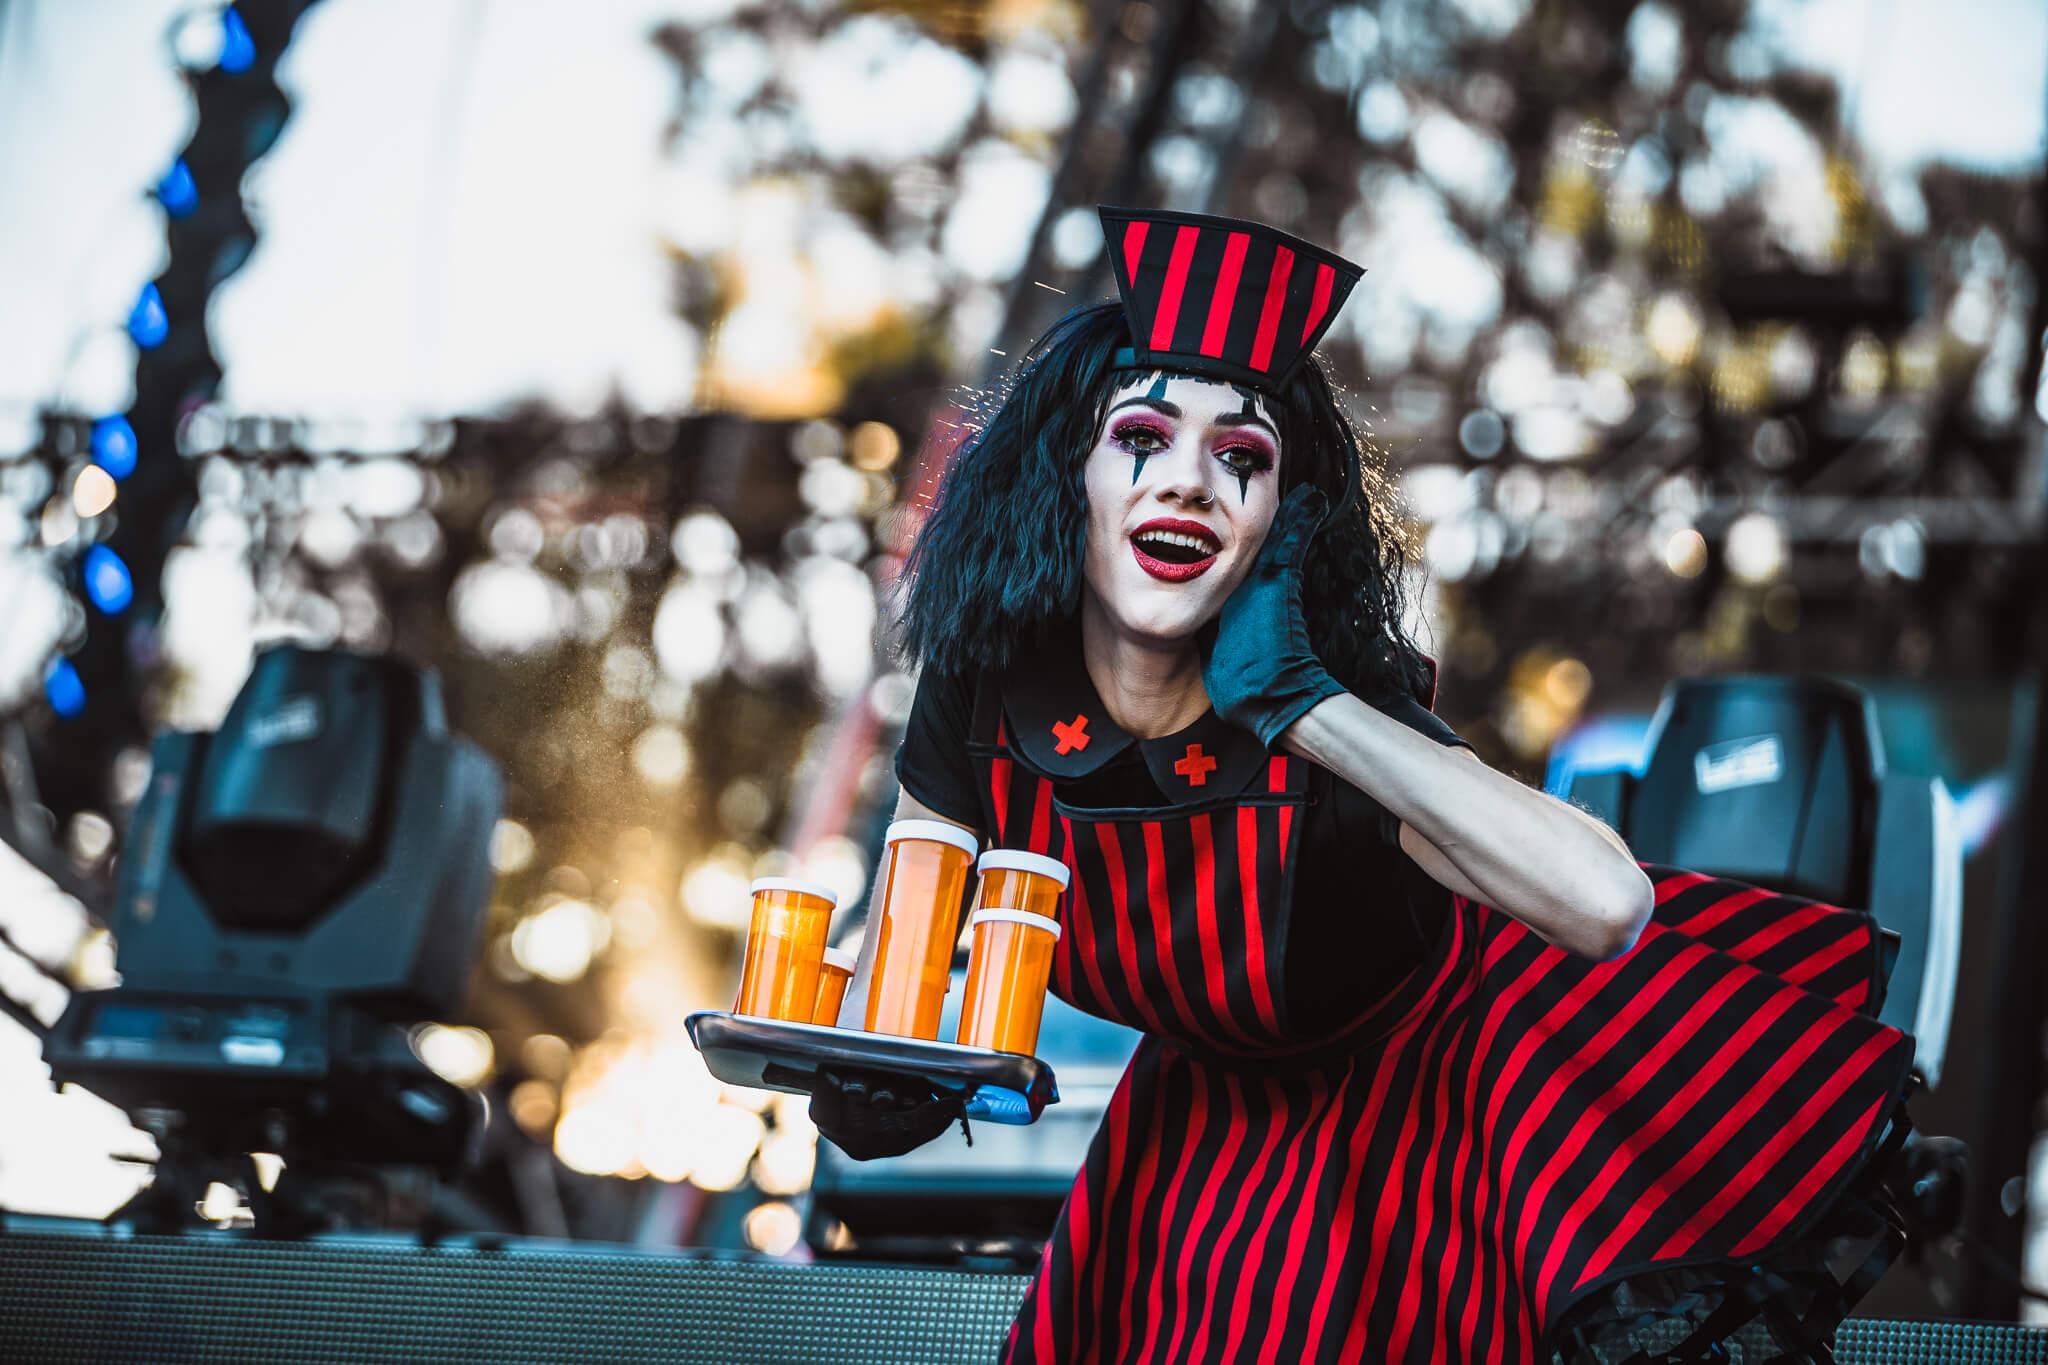 costumed performer serving up the medicine